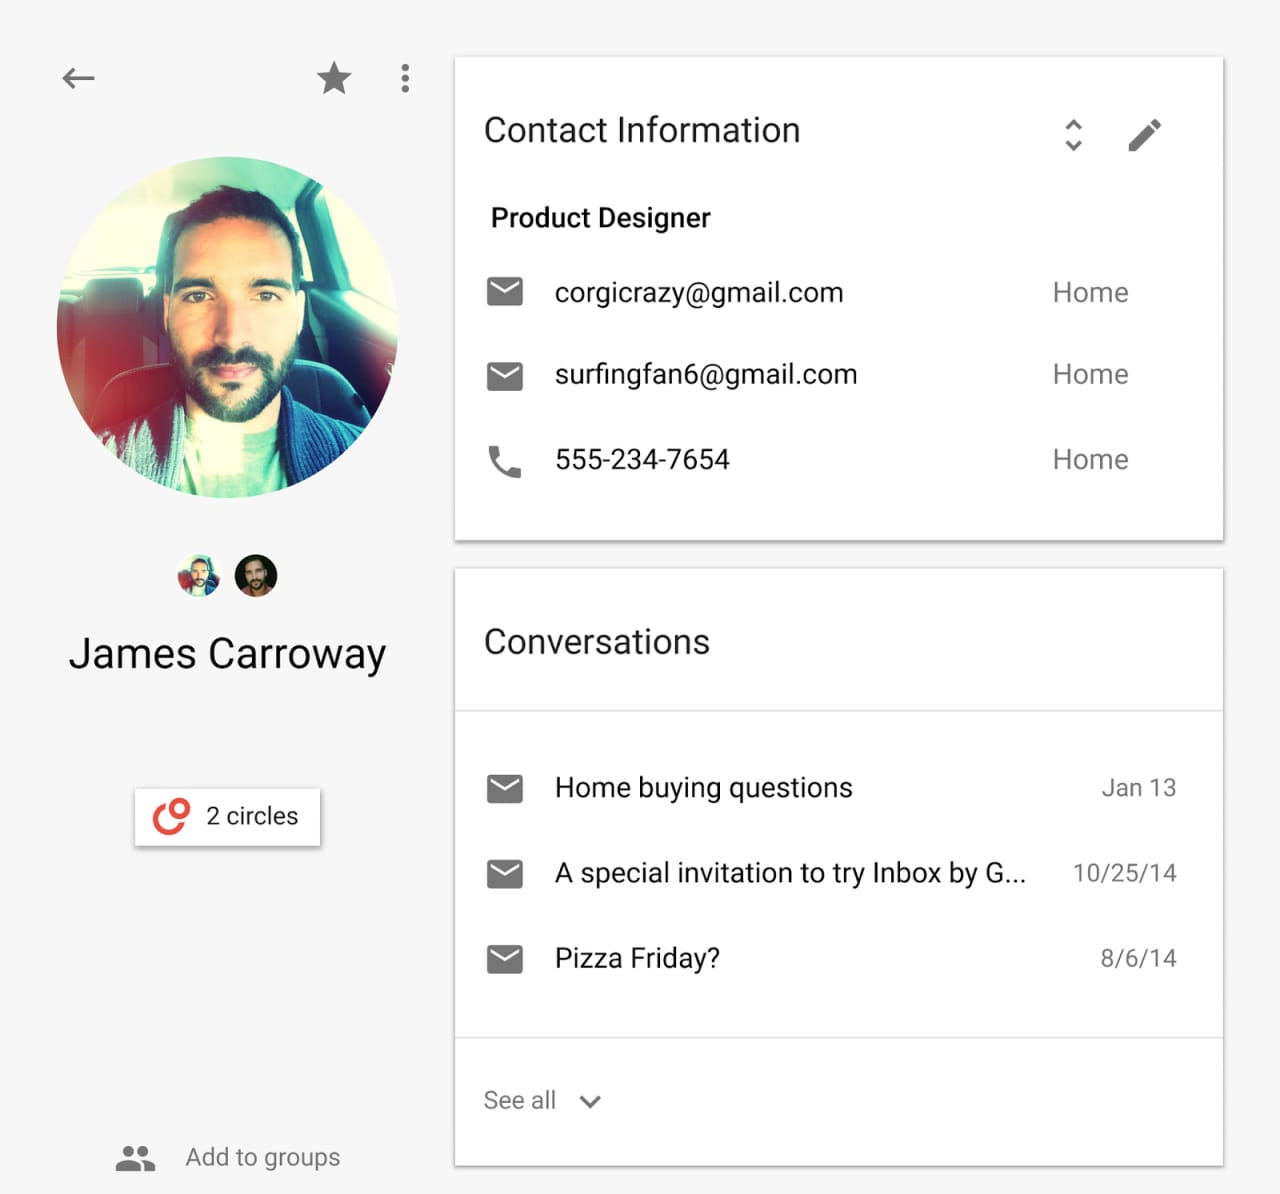 Con le nuove People API gli sviluppatori potranno accedere ancora meglio ai vostri contatti